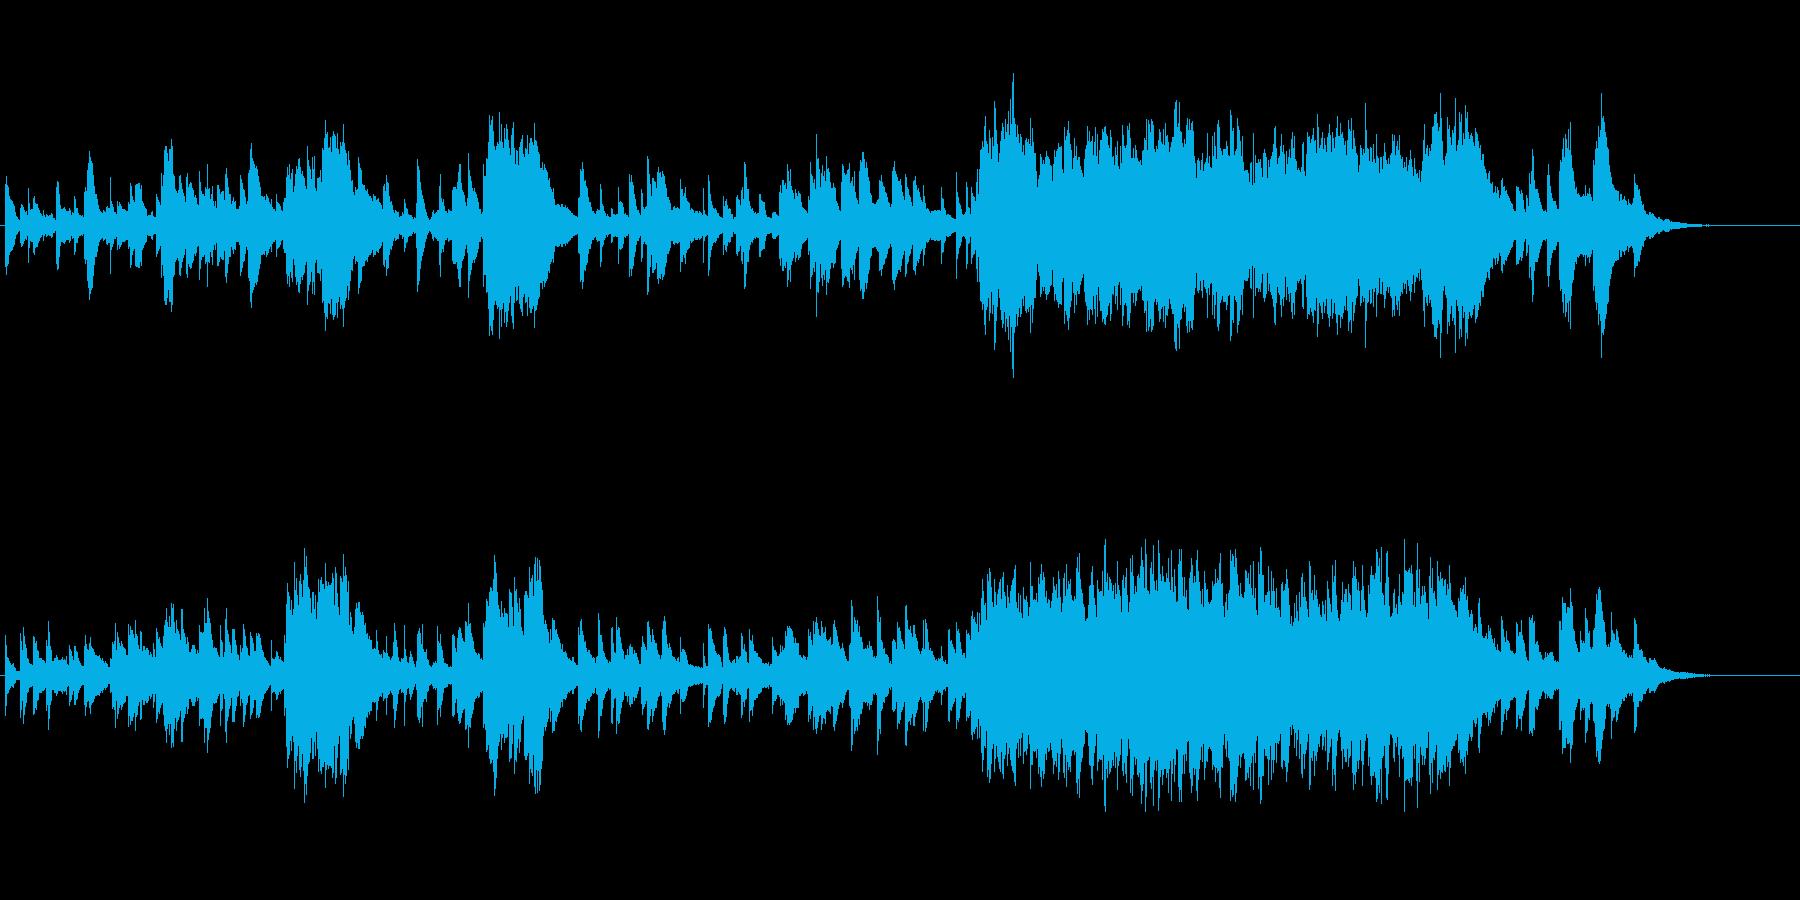 物悲しい雰囲気のピアノソロ曲(変拍子)の再生済みの波形